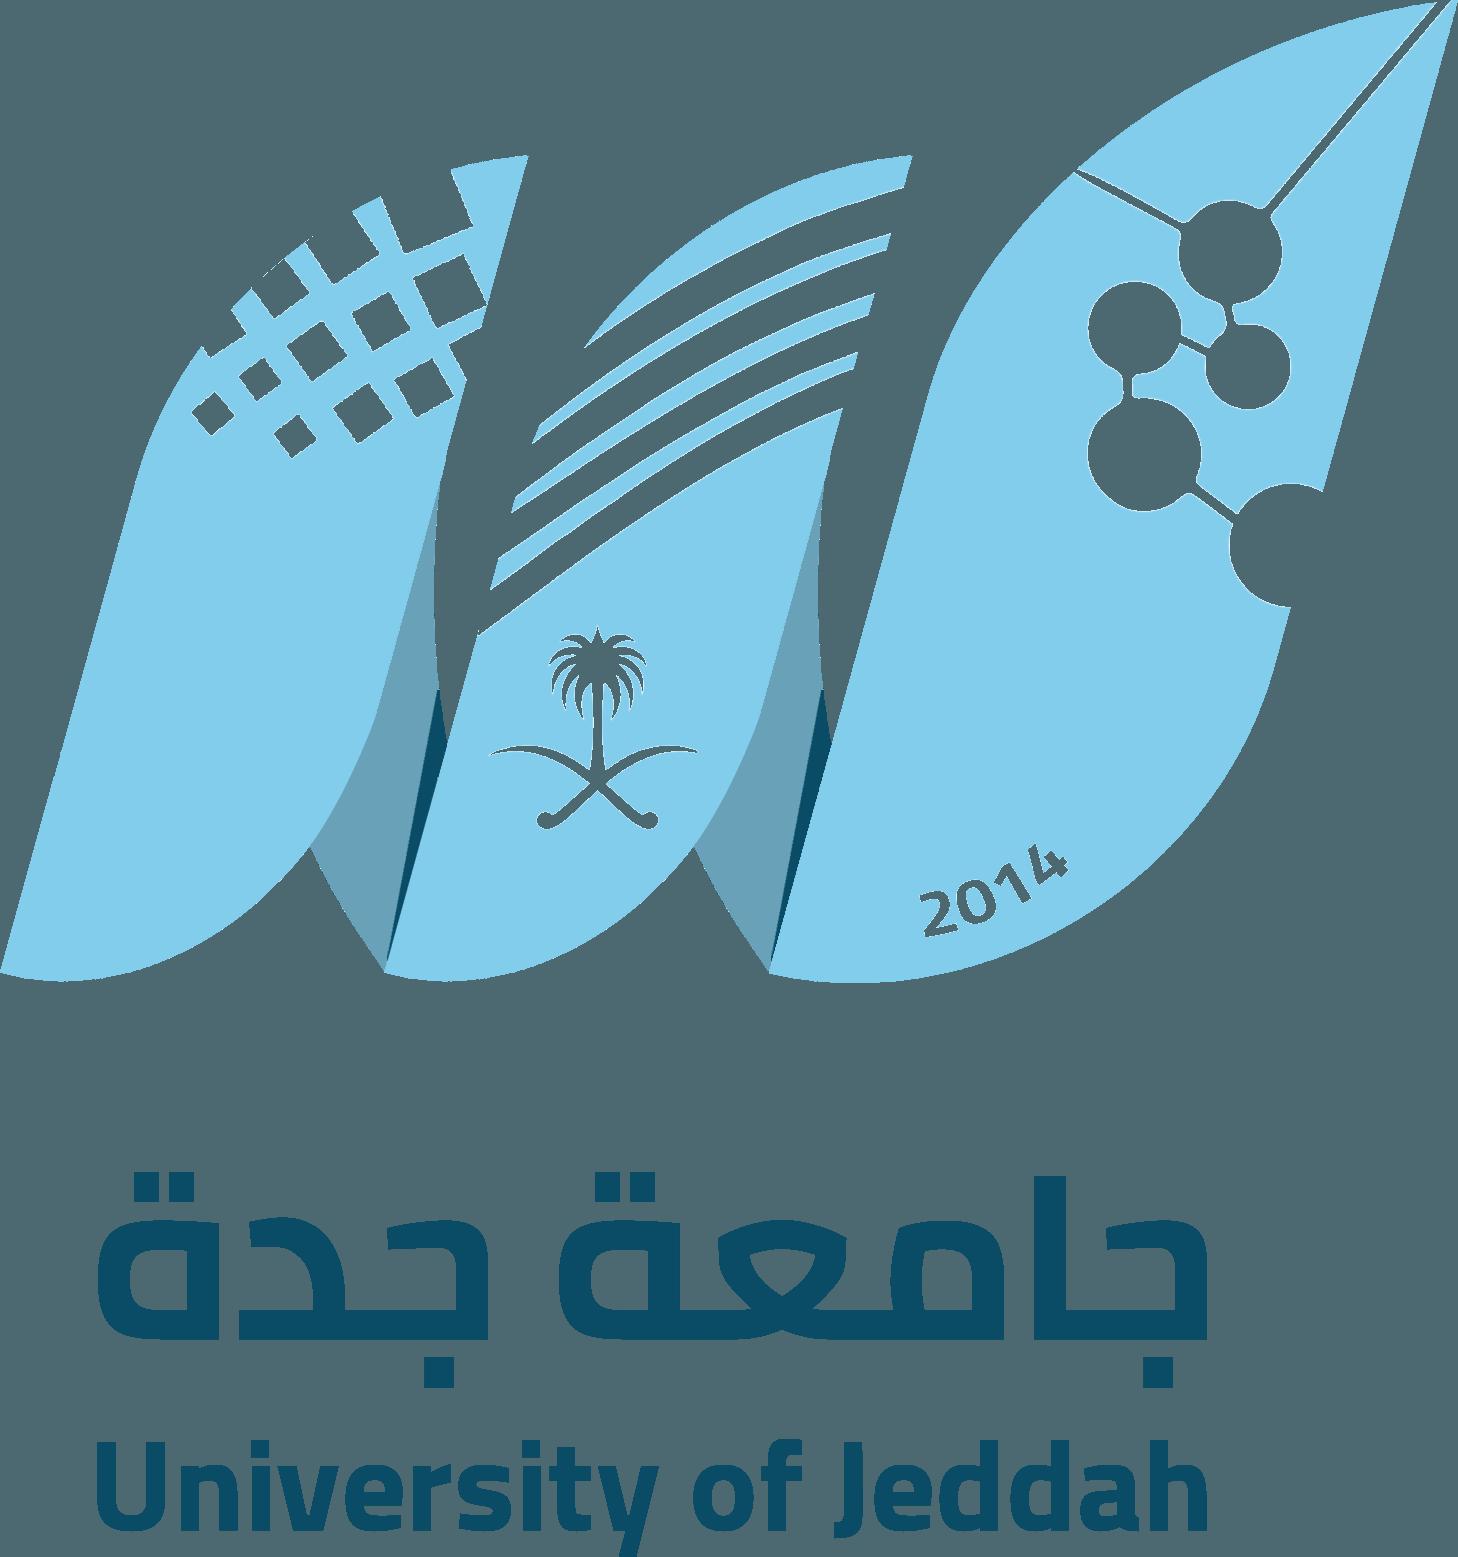 التعليم المستمر بجامعة جدة